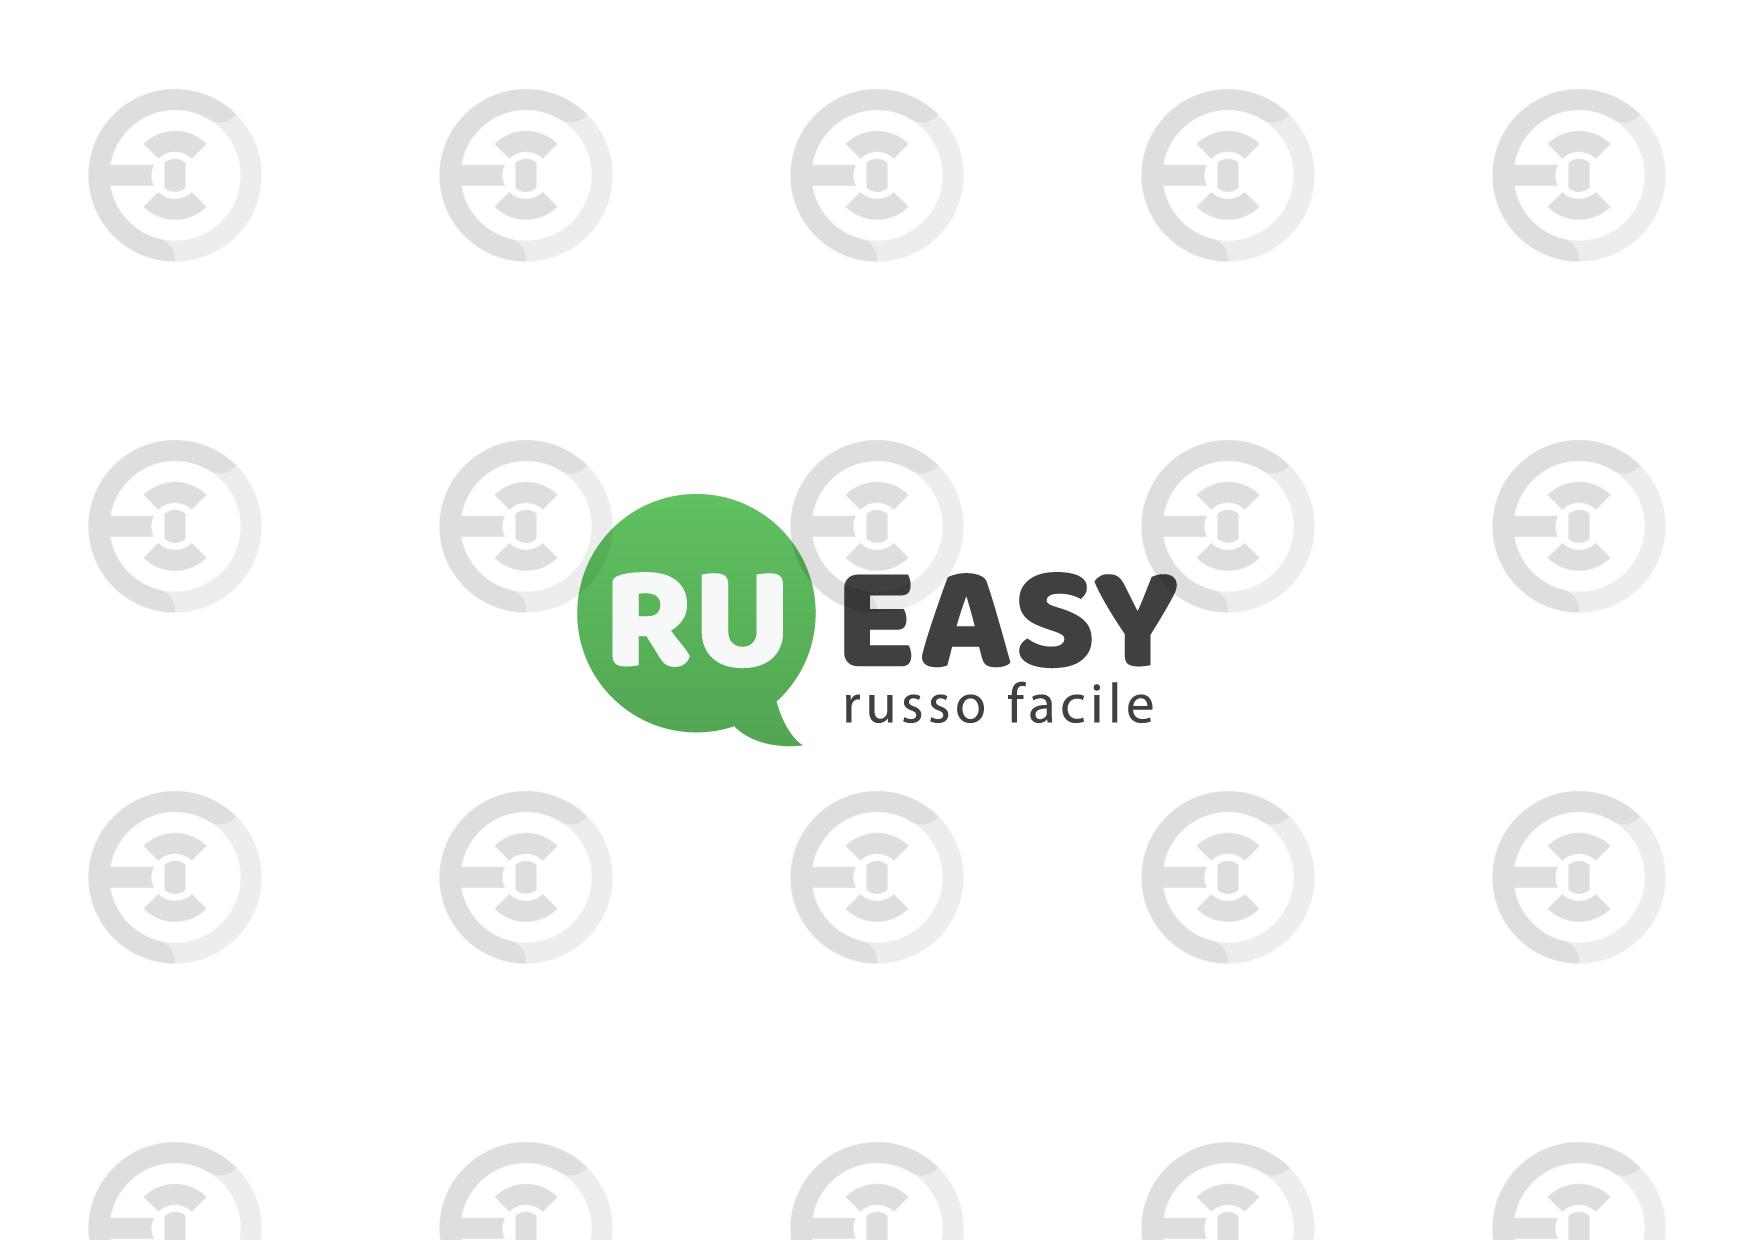 Ru-easy-01.png